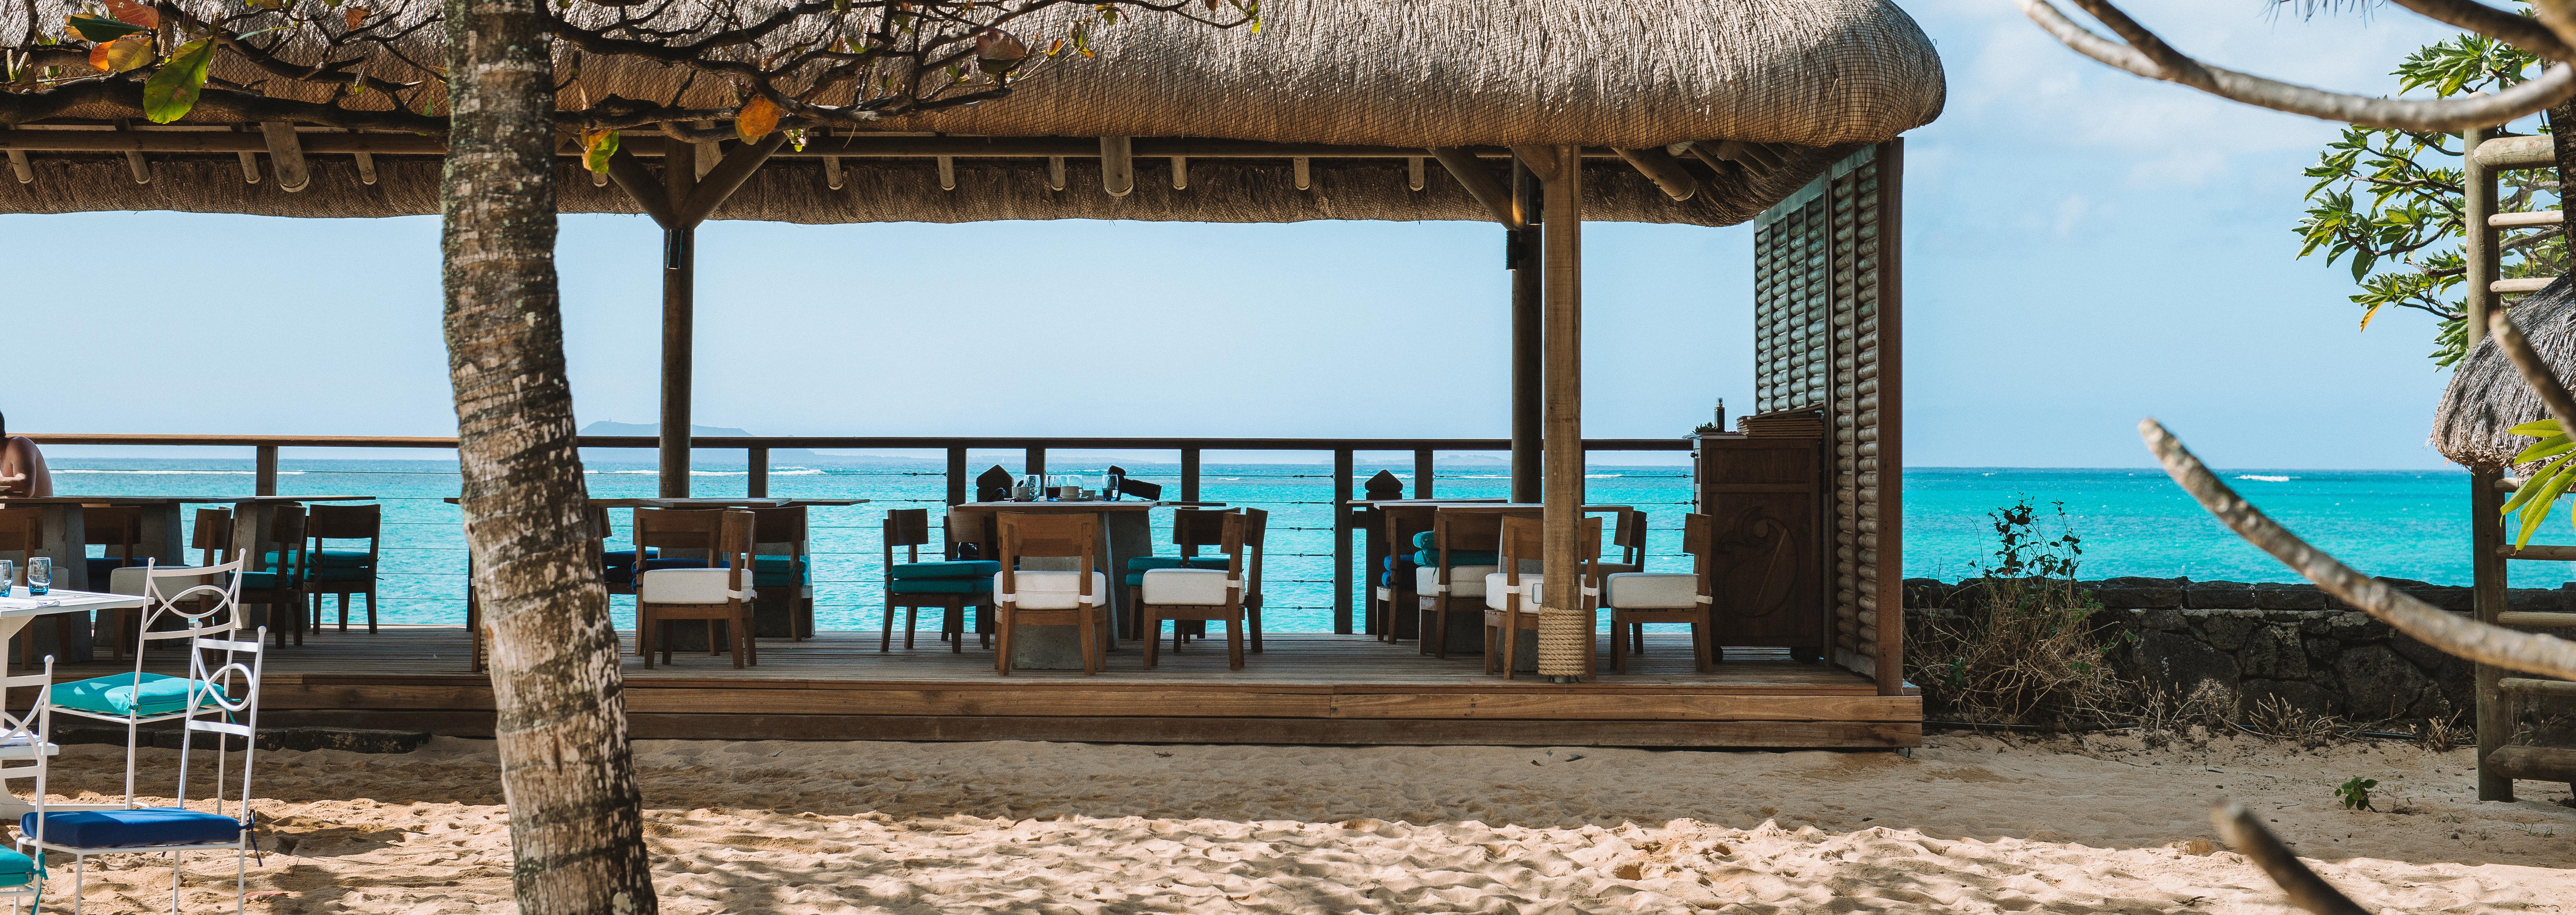 paradise-cove-indigo-restaurant